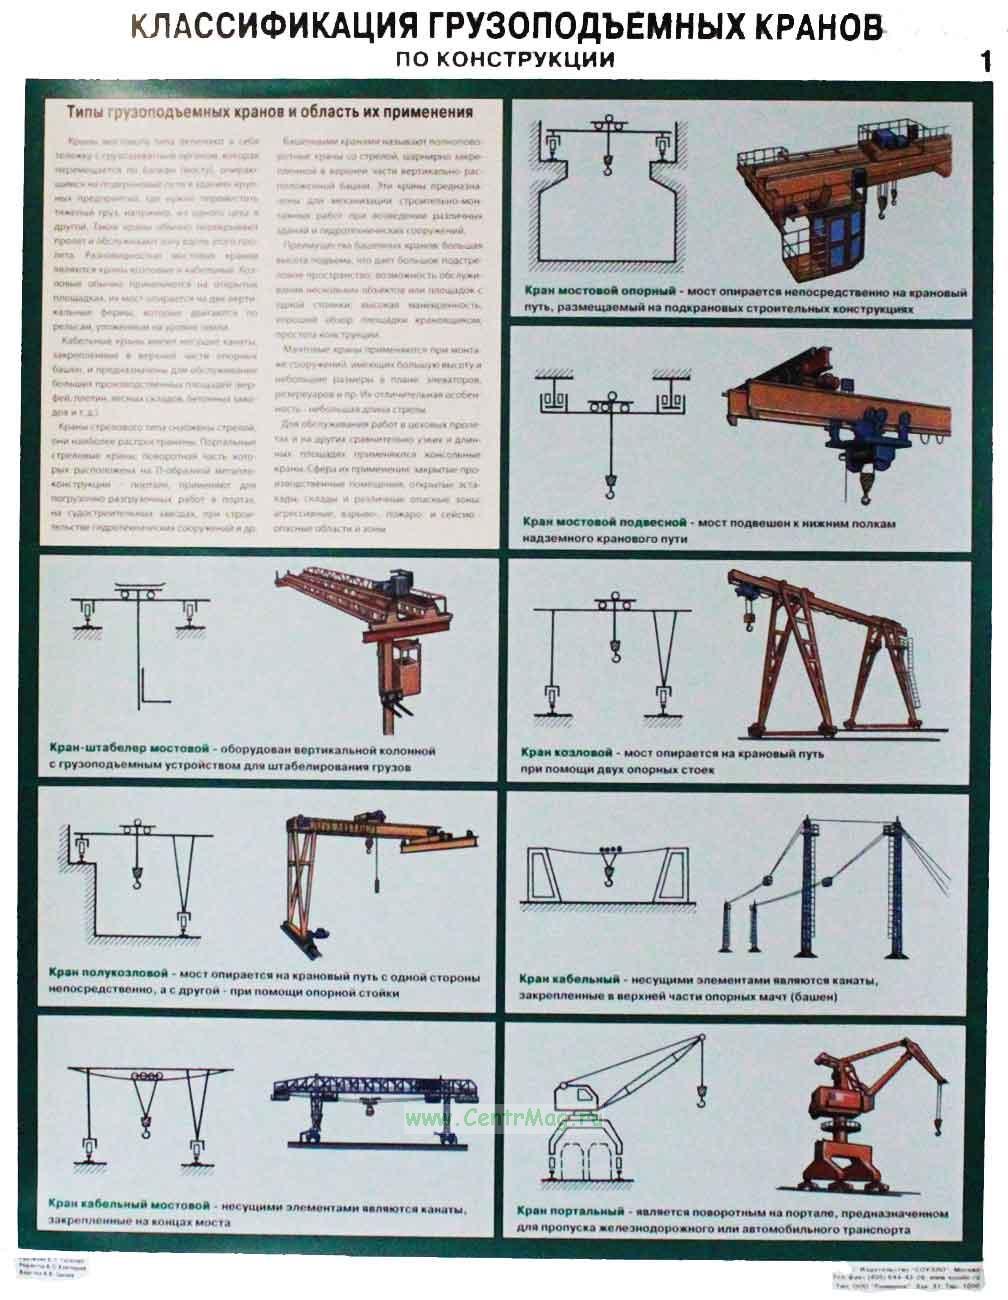 Грузоподъемные машины и механизмы, основные параметры